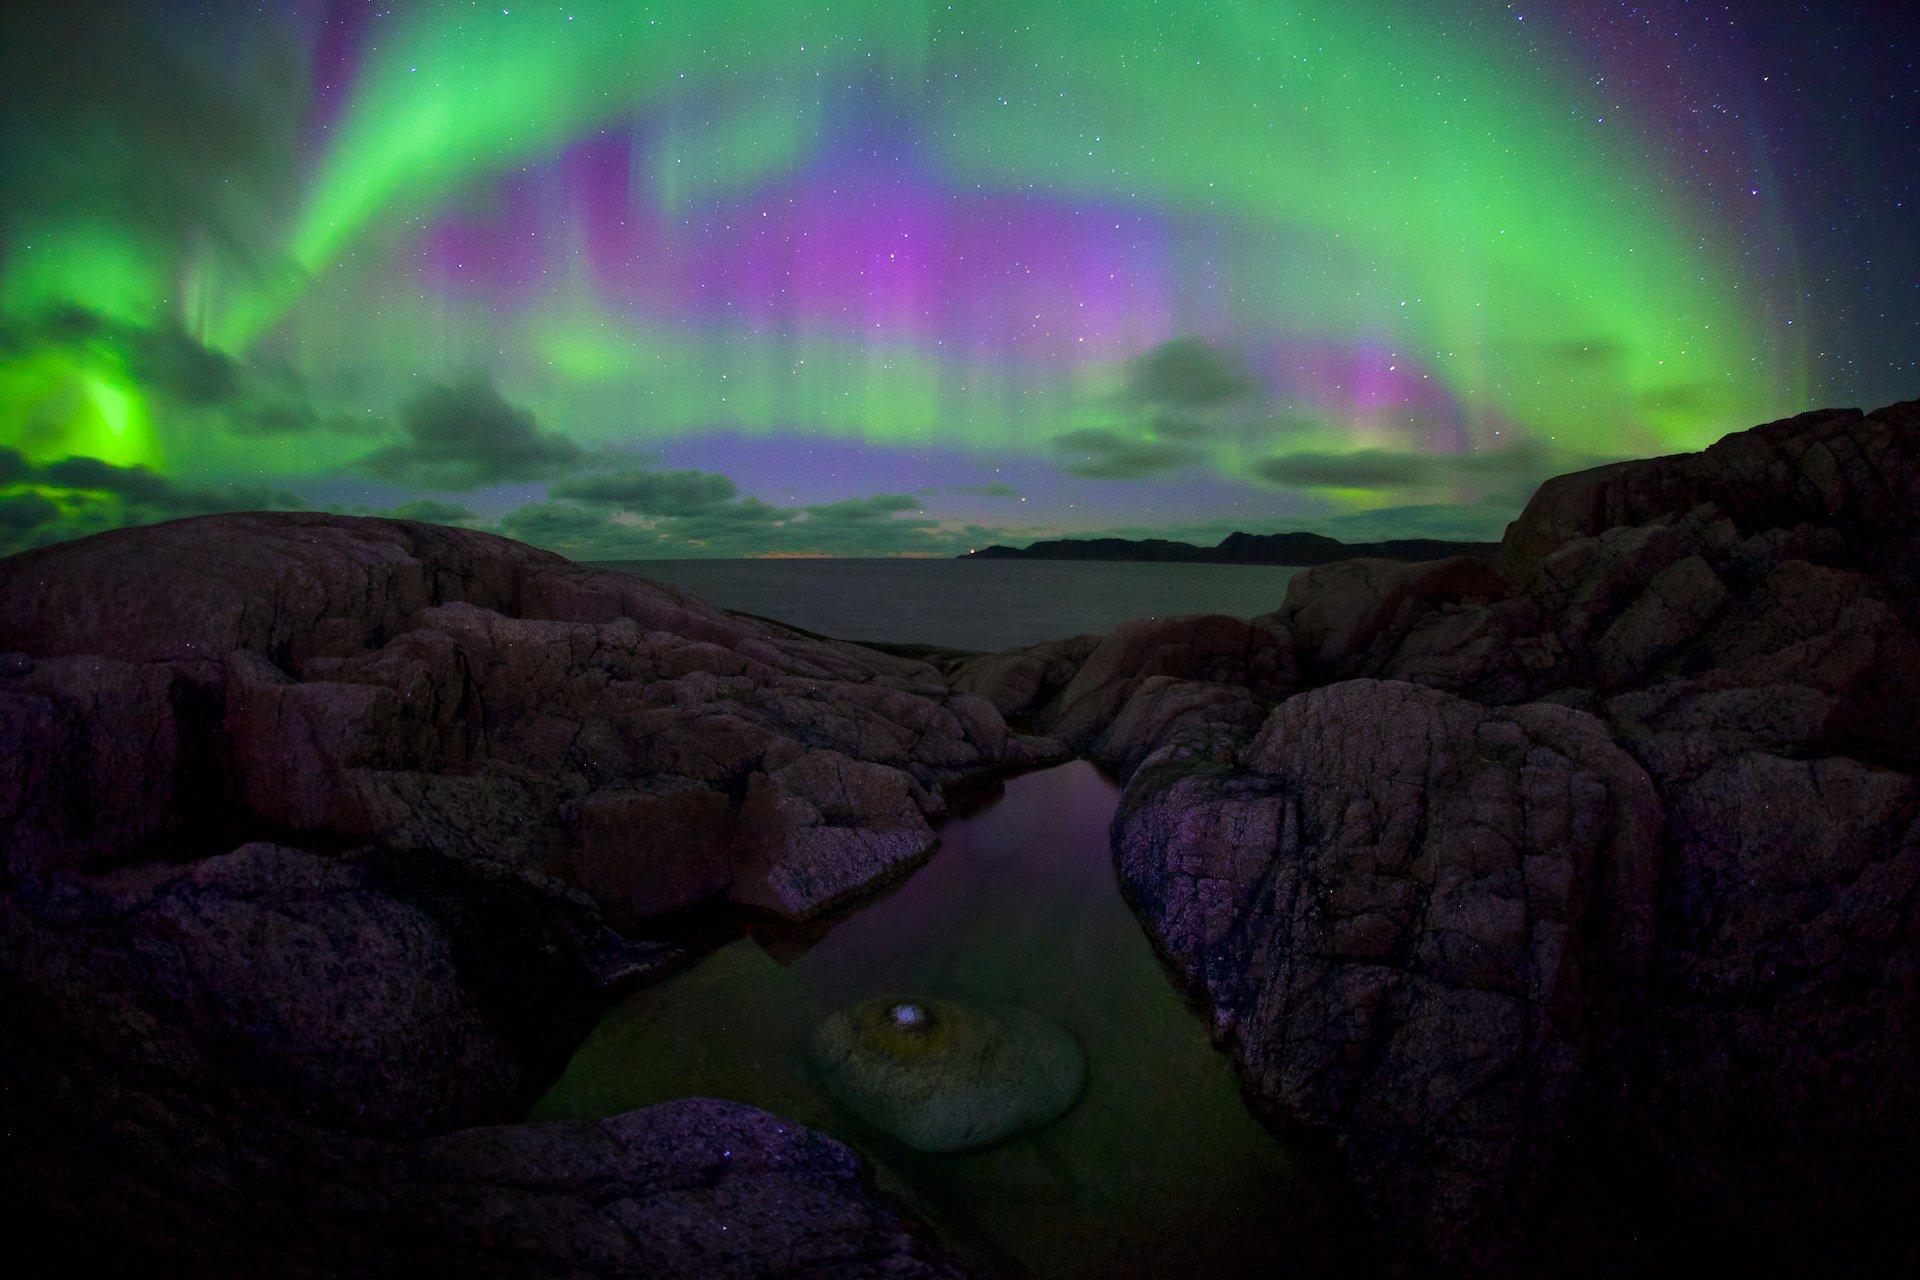 полярное сияние териберка баренцево море ледовитый океан прибой камни пляж, Никифоров Егор